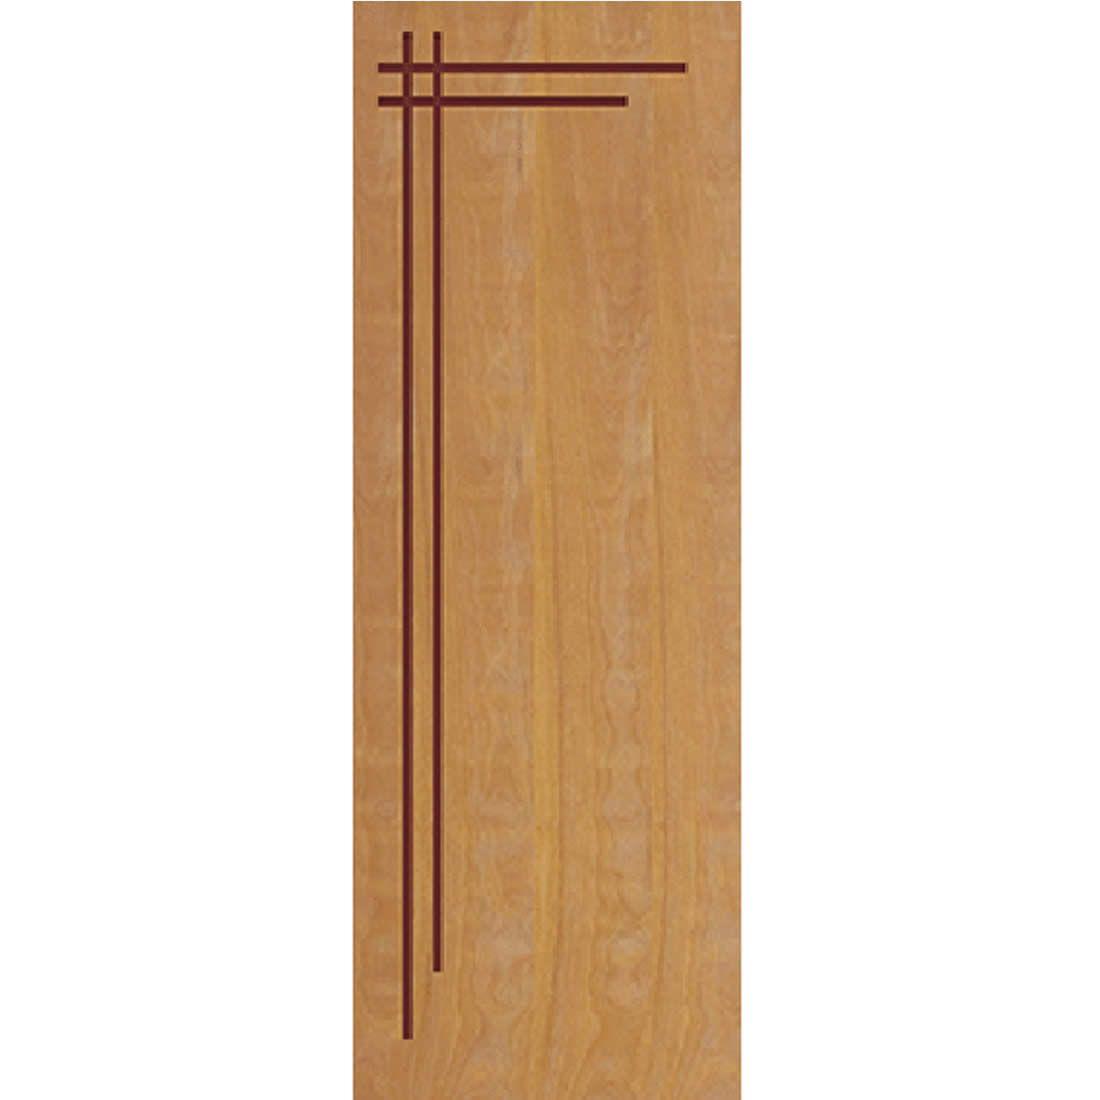 Porta 2,10 x 0,70m em Madeira Curupixa Semi Sólida Modelo 06 Frisada JB Paes